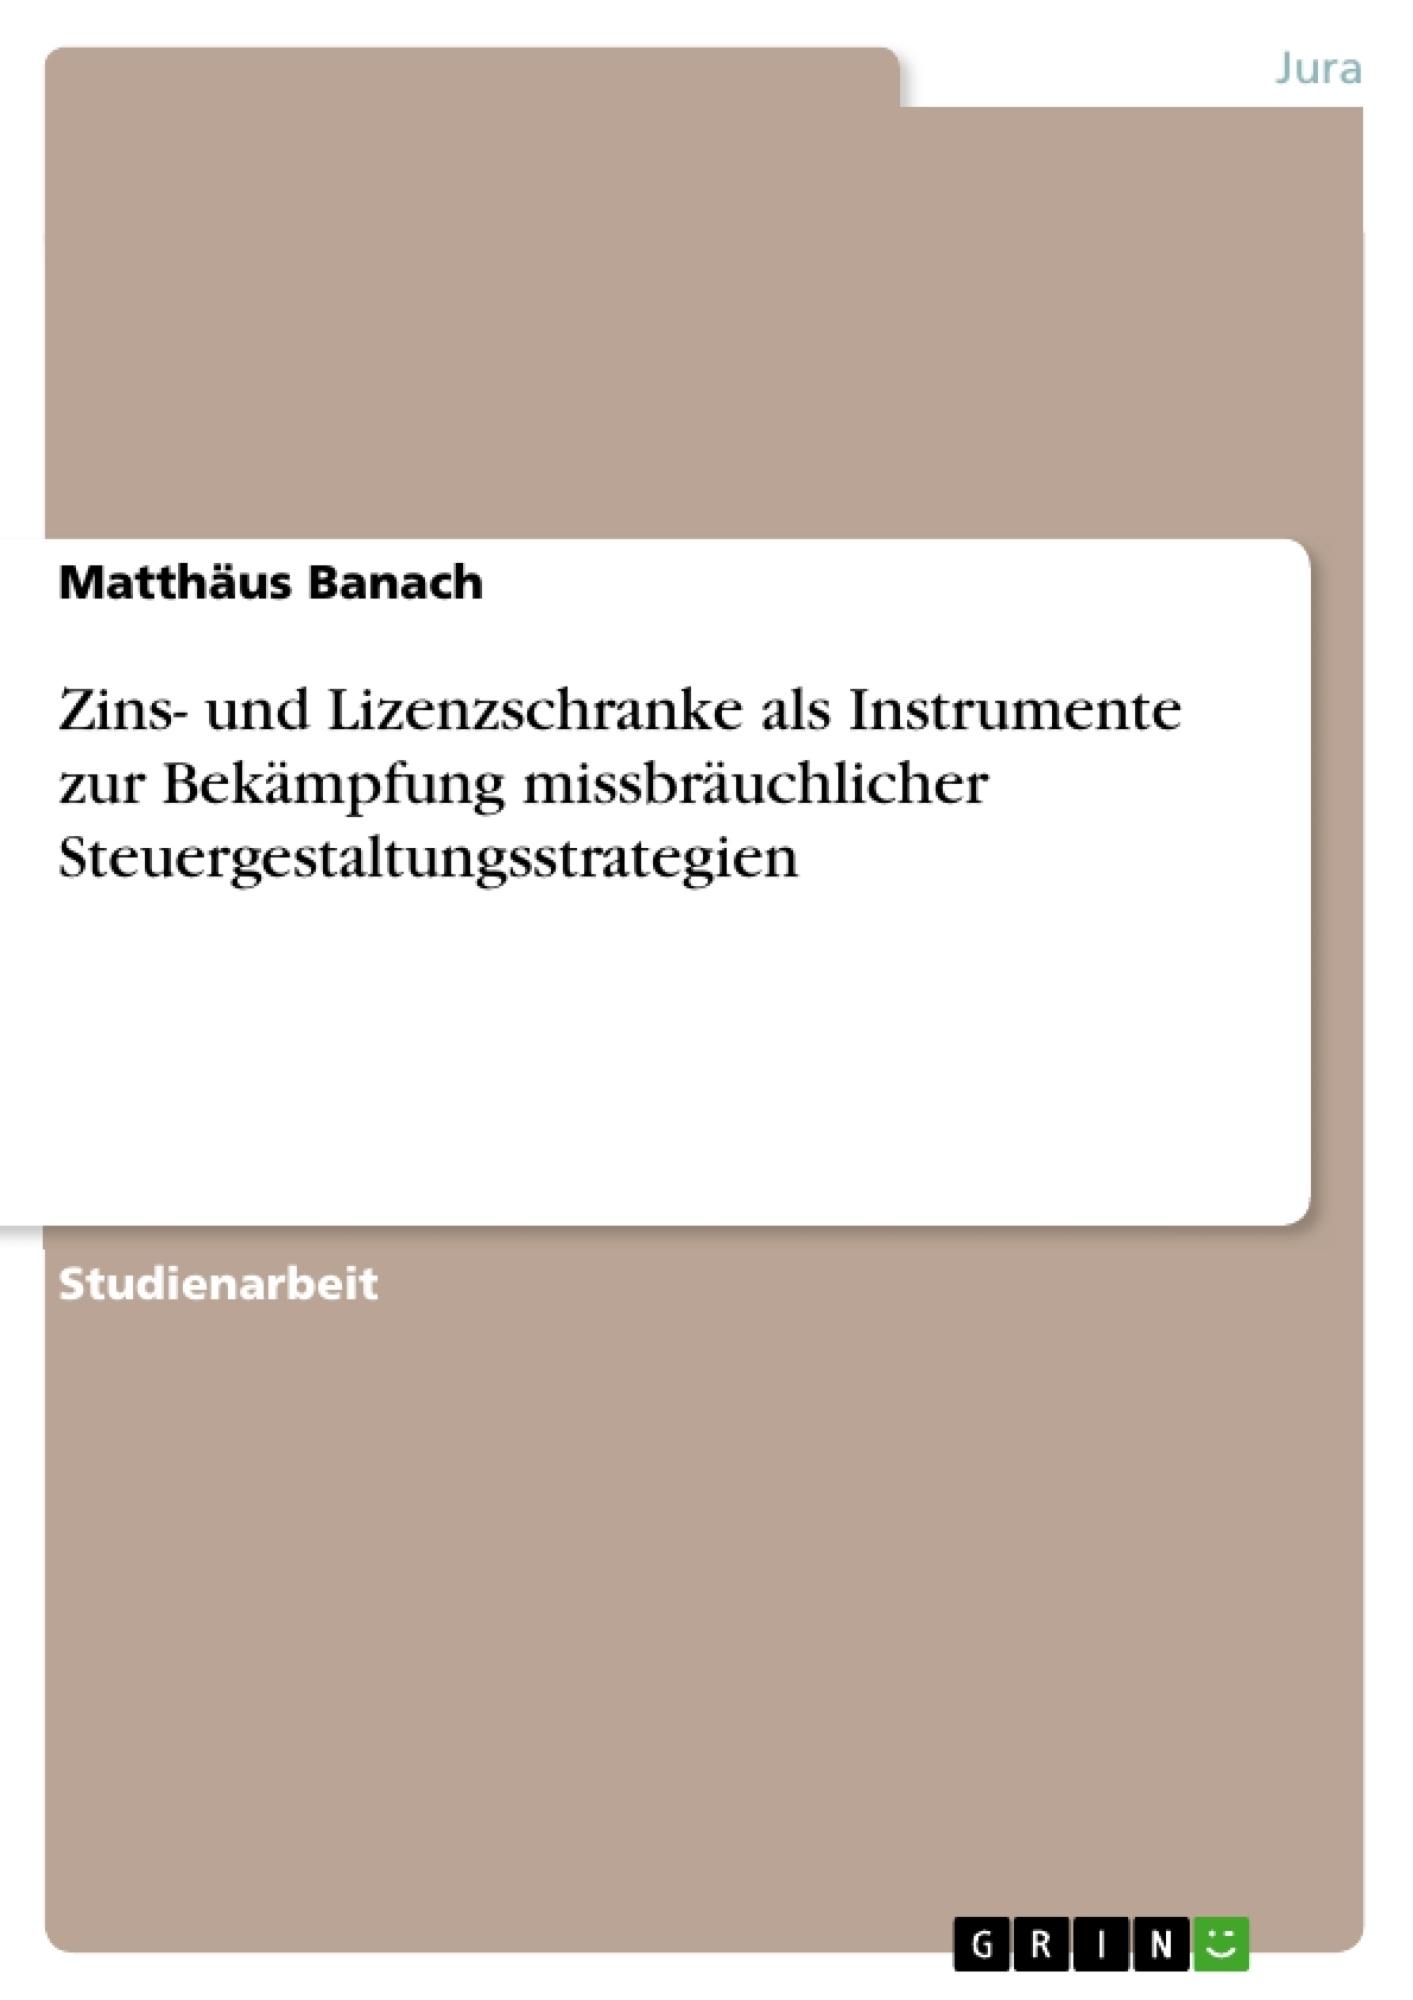 Titel: Zins- und Lizenzschranke als Instrumente zur Bekämpfung missbräuchlicher Steuergestaltungsstrategien